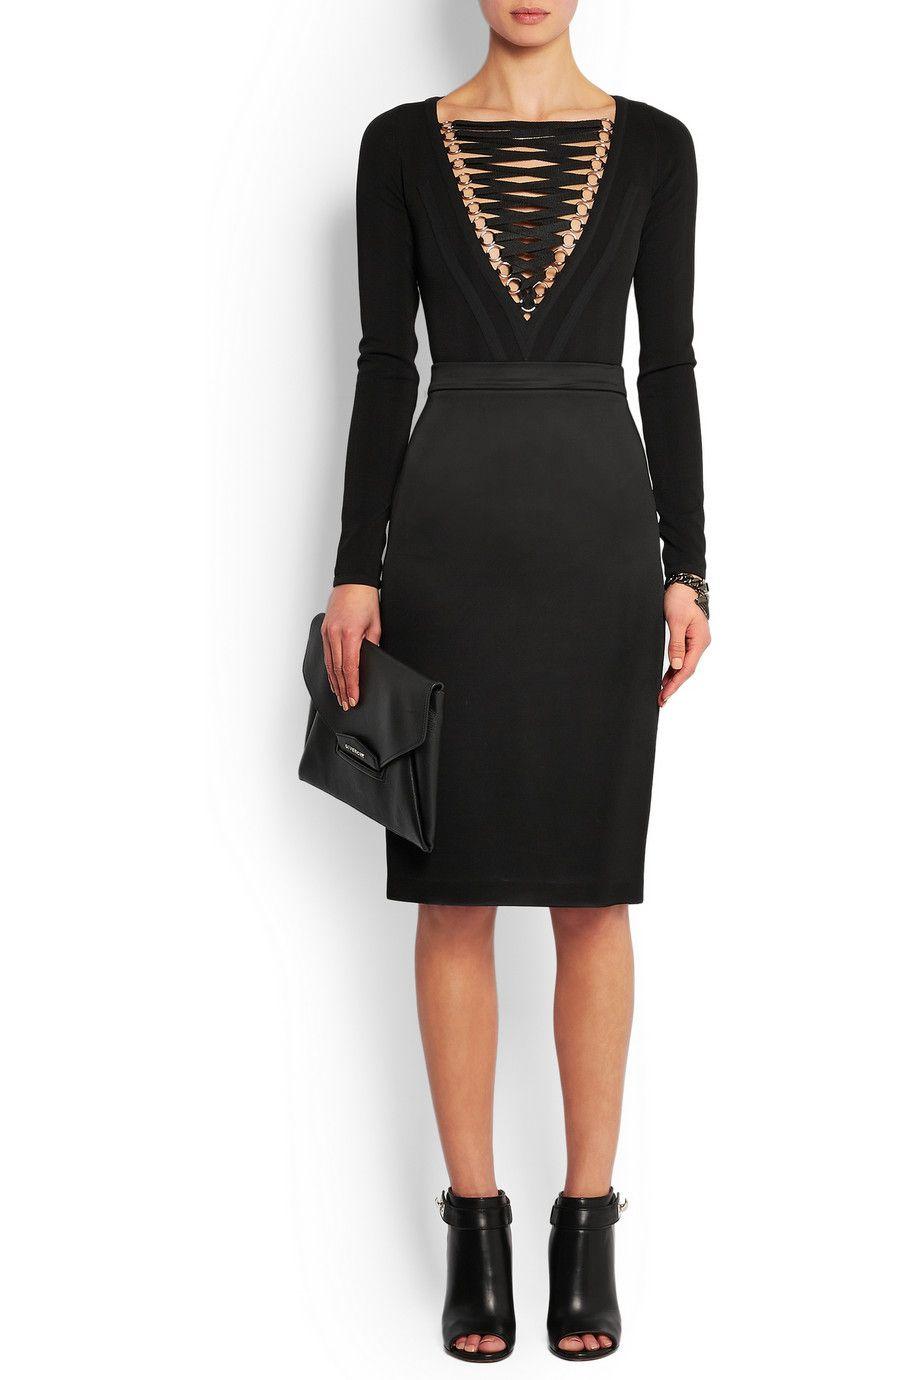 Givenchy Lace-up stretch-jersey bodysuit in black NET-A-PORTER.COM